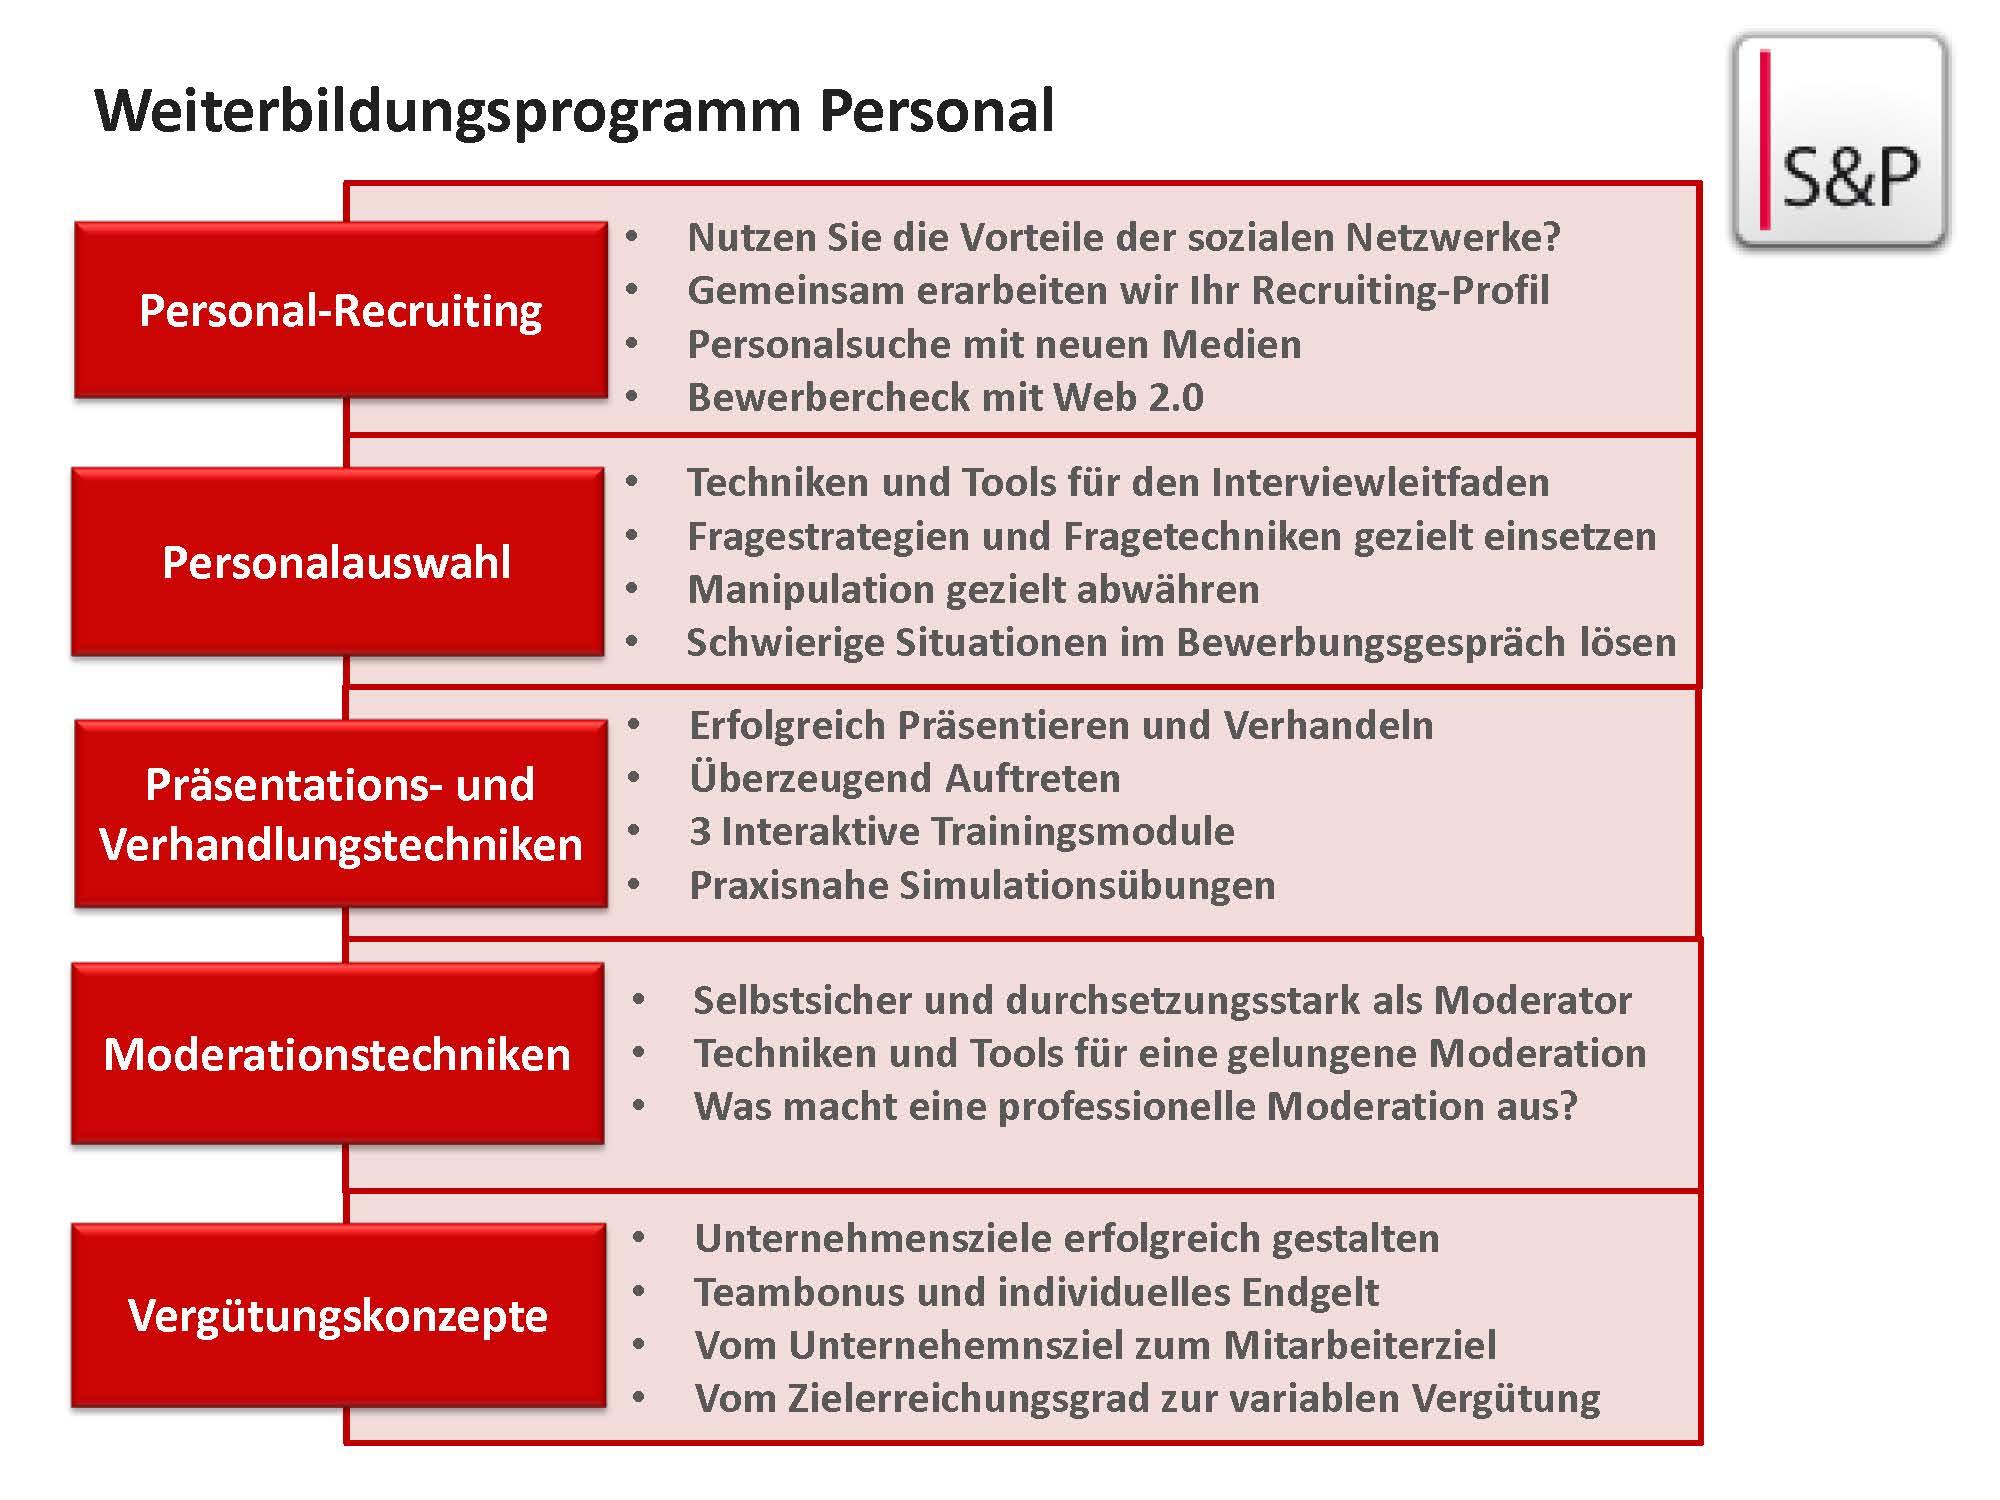 Seminar Personal - S+P Weiterbildungsprogramm